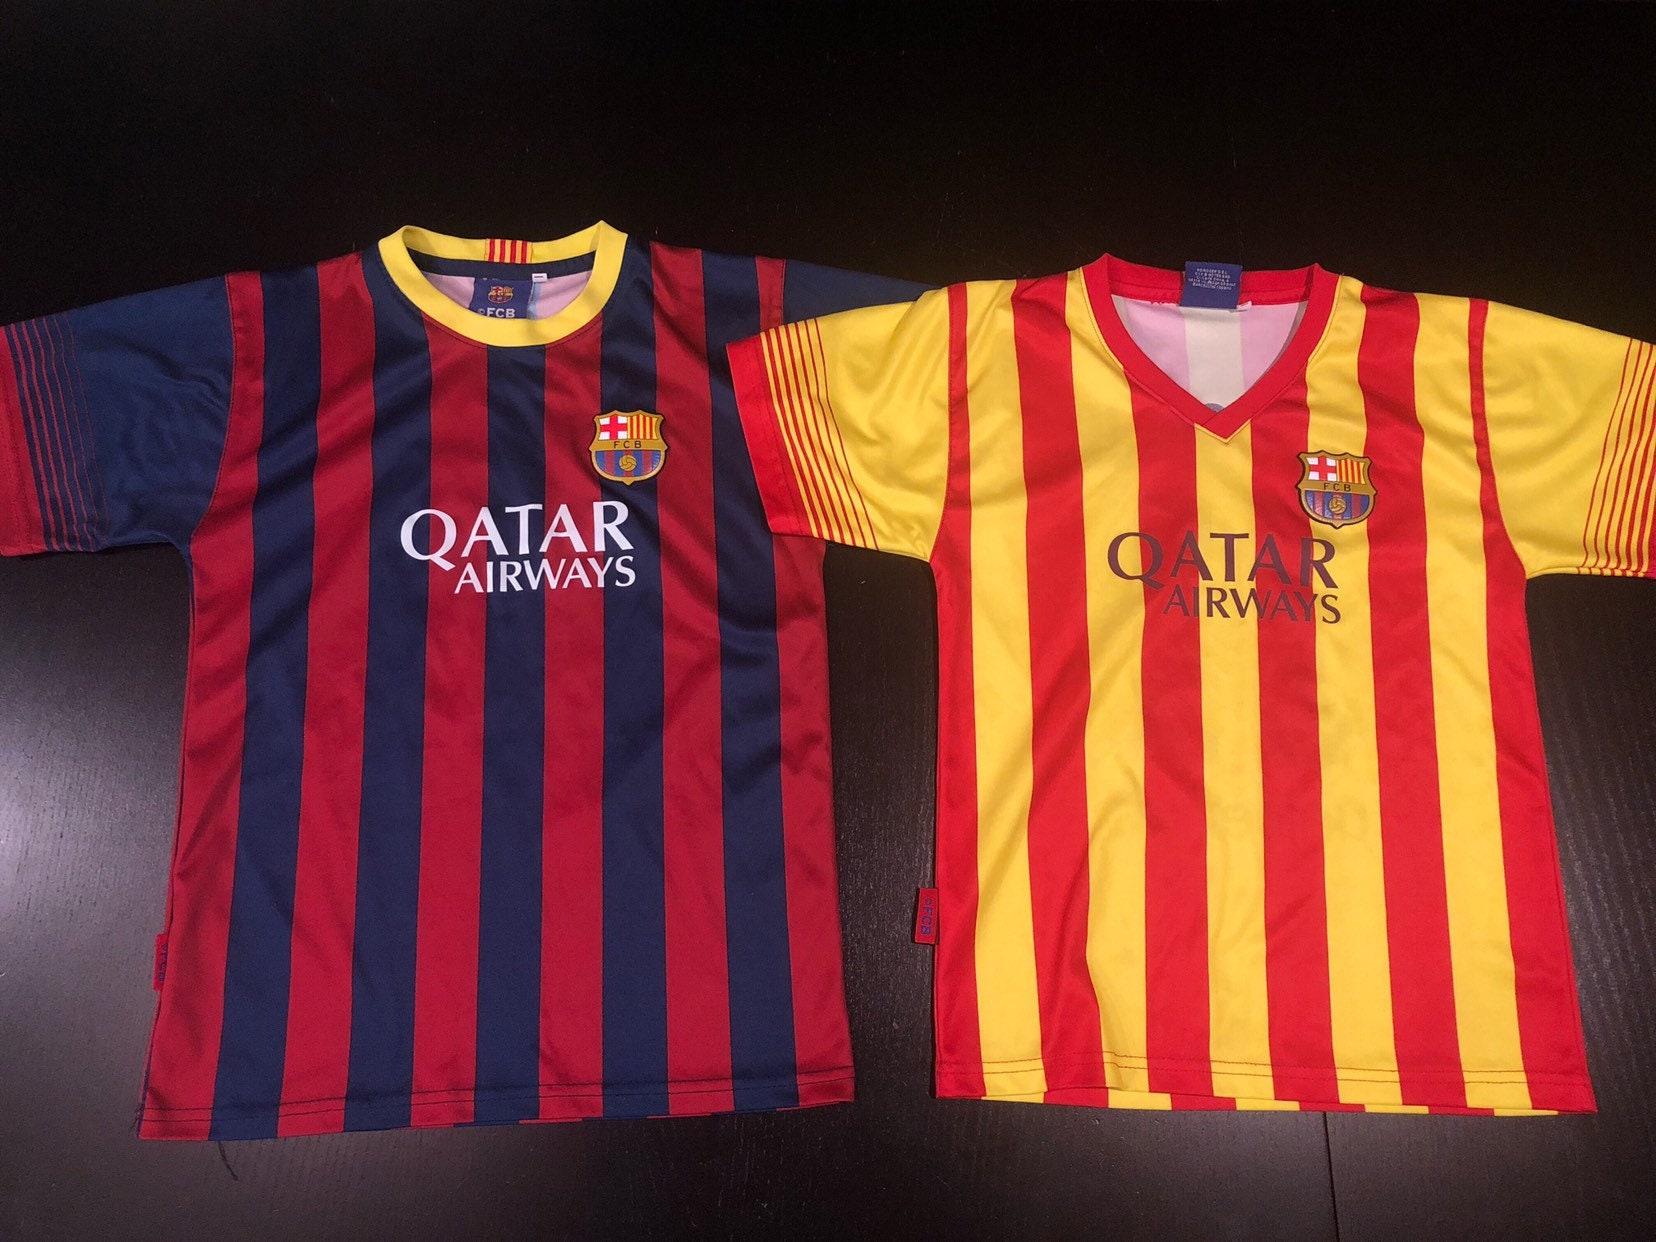 1ec174107a8 Barcelona Qatar Airways Messi   Neymar Jr. Soccer Youth Jersey